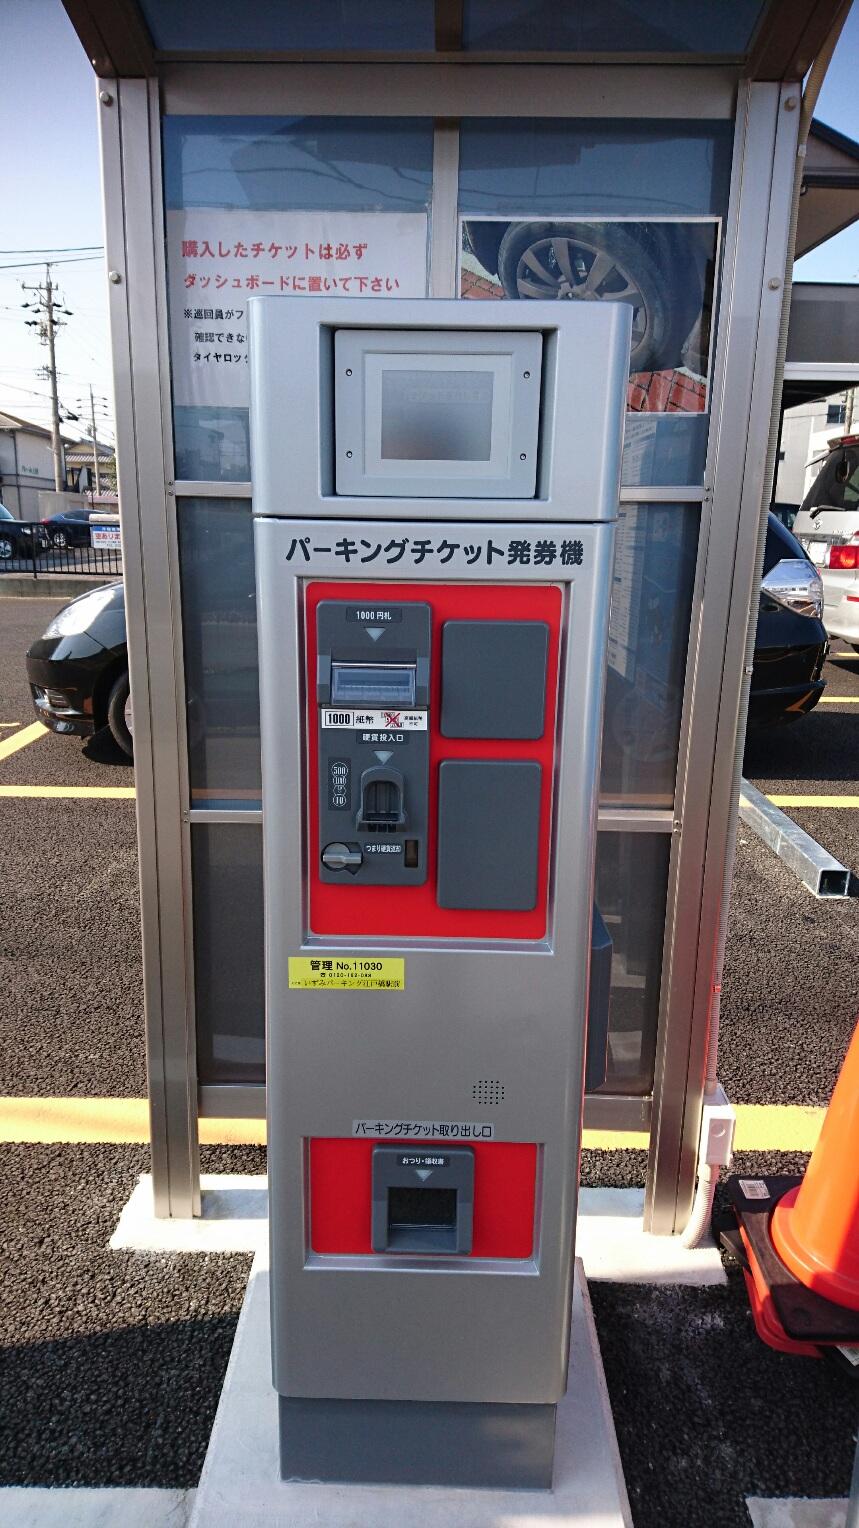 いずみパーキング江戸橋駅前